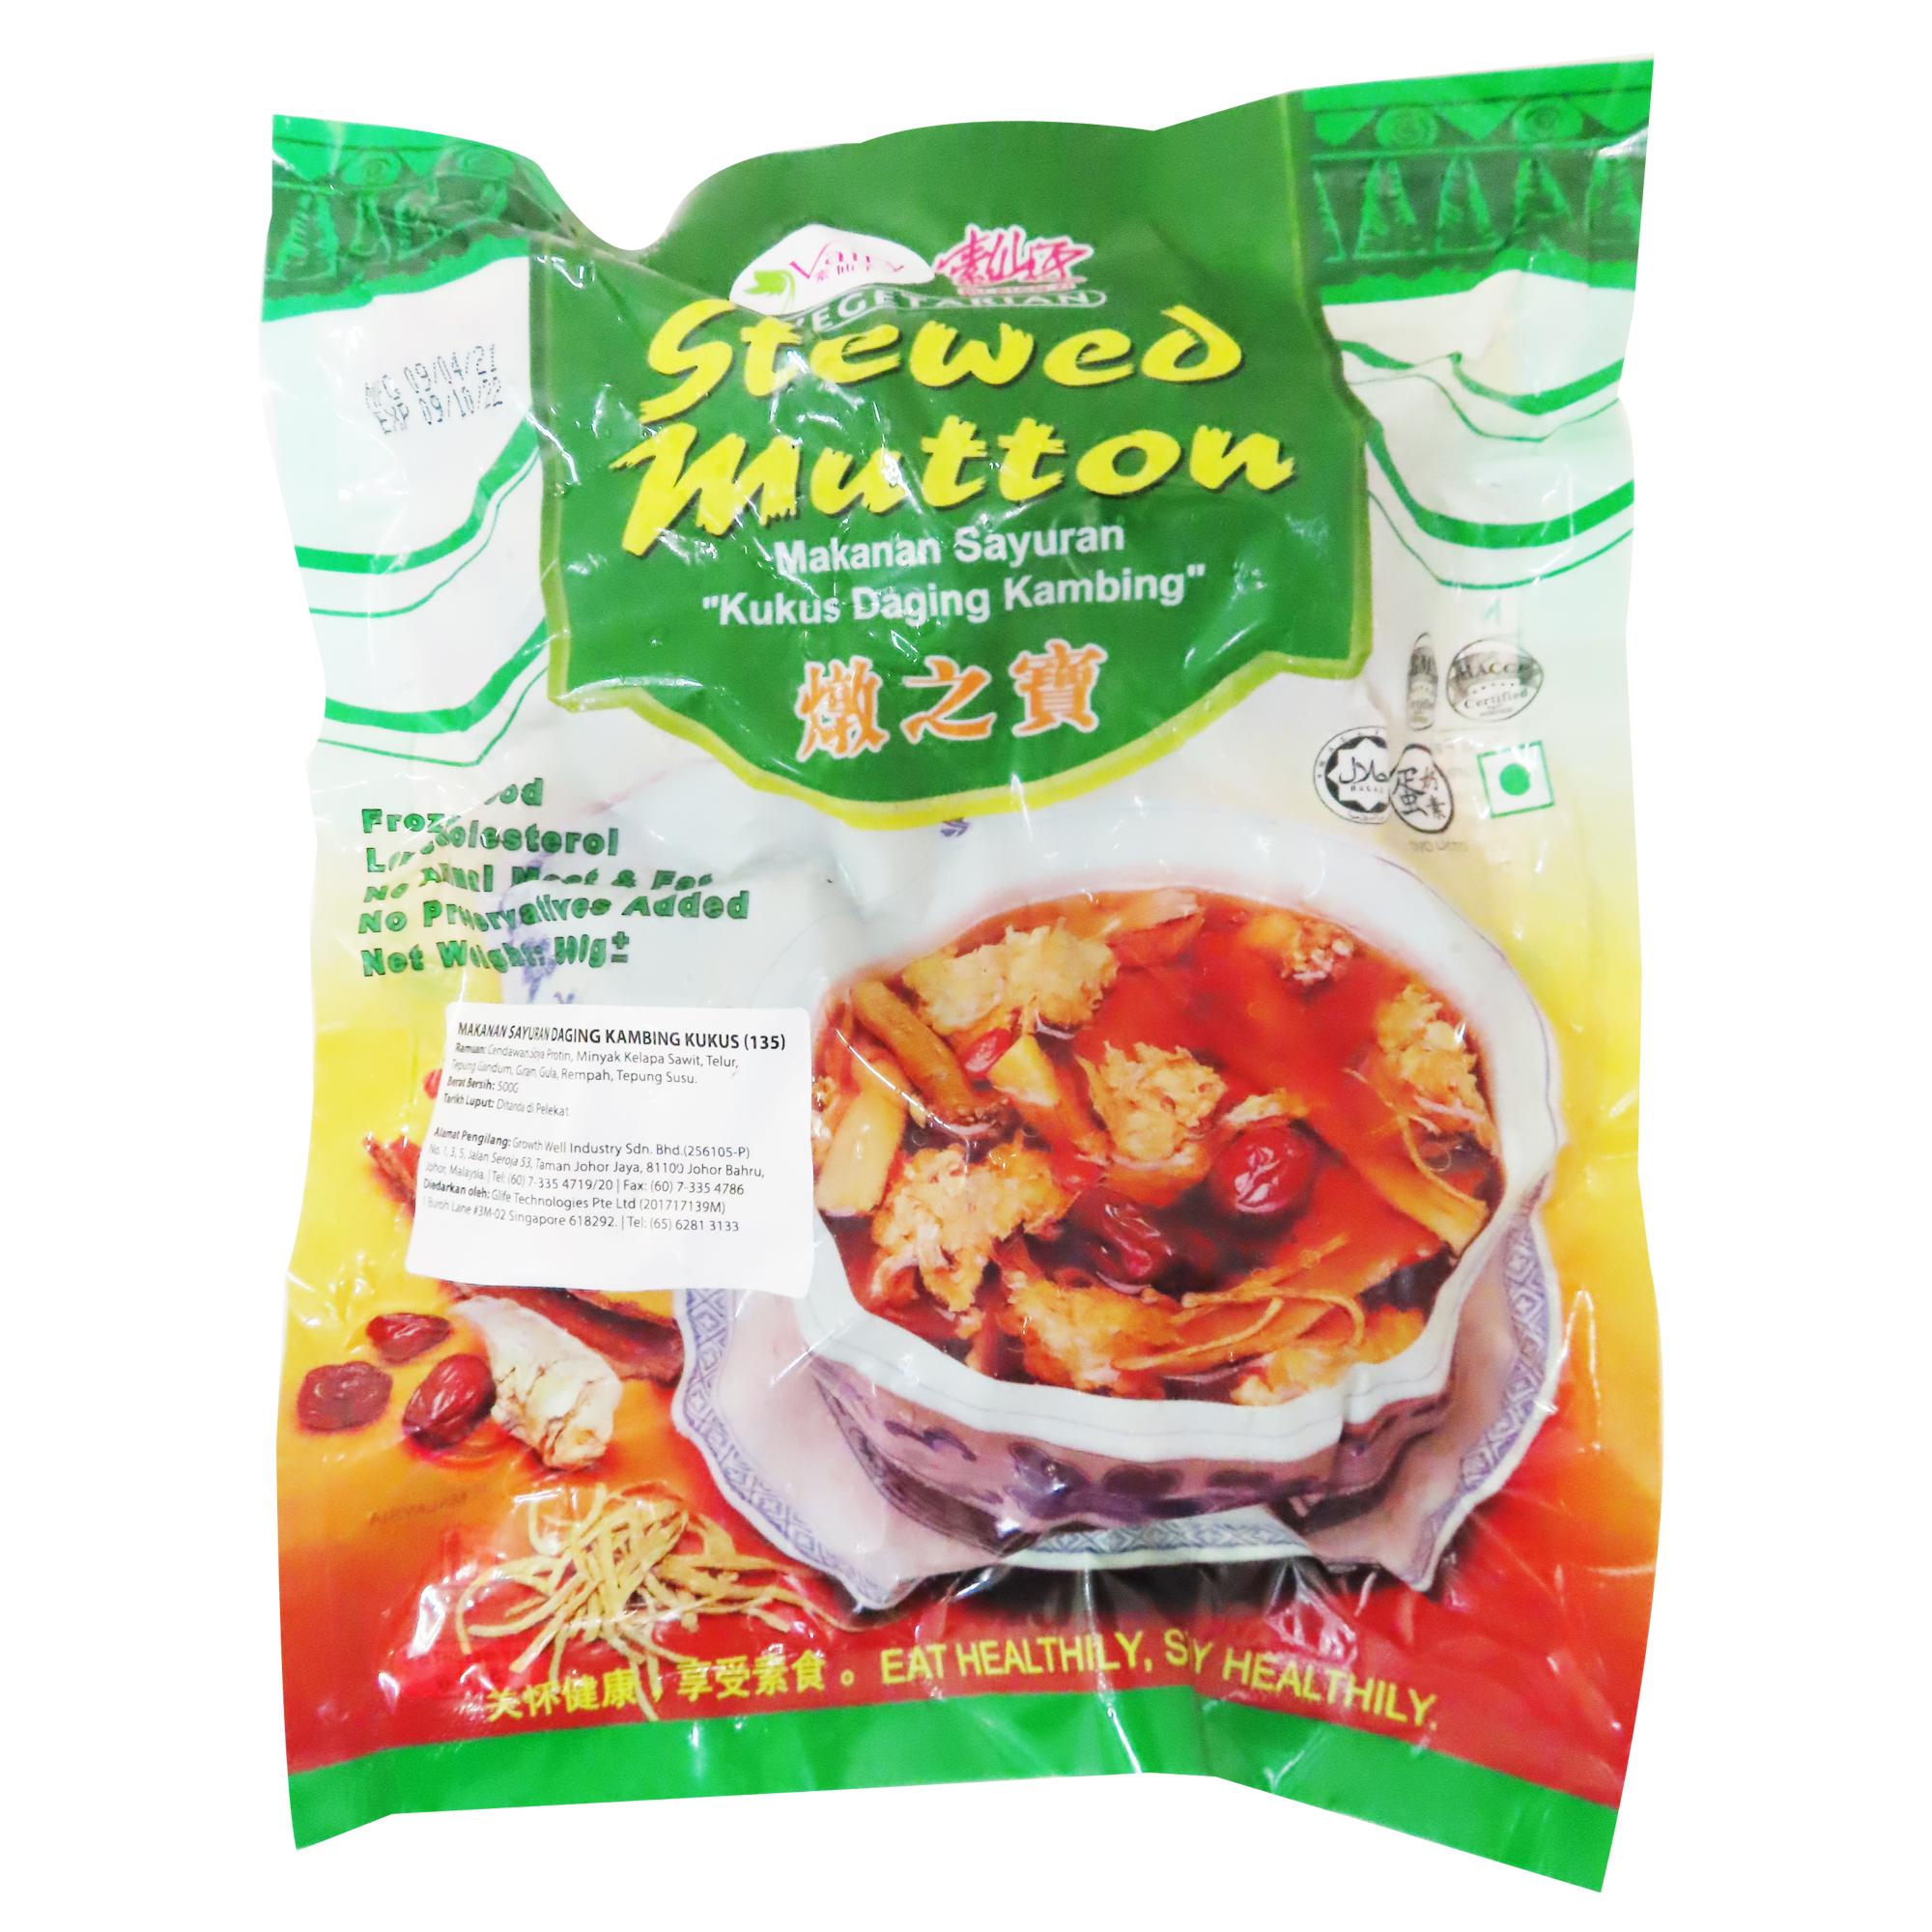 Image Vairy Stewed mutton 素仙子 - 燉羊肉 500grams